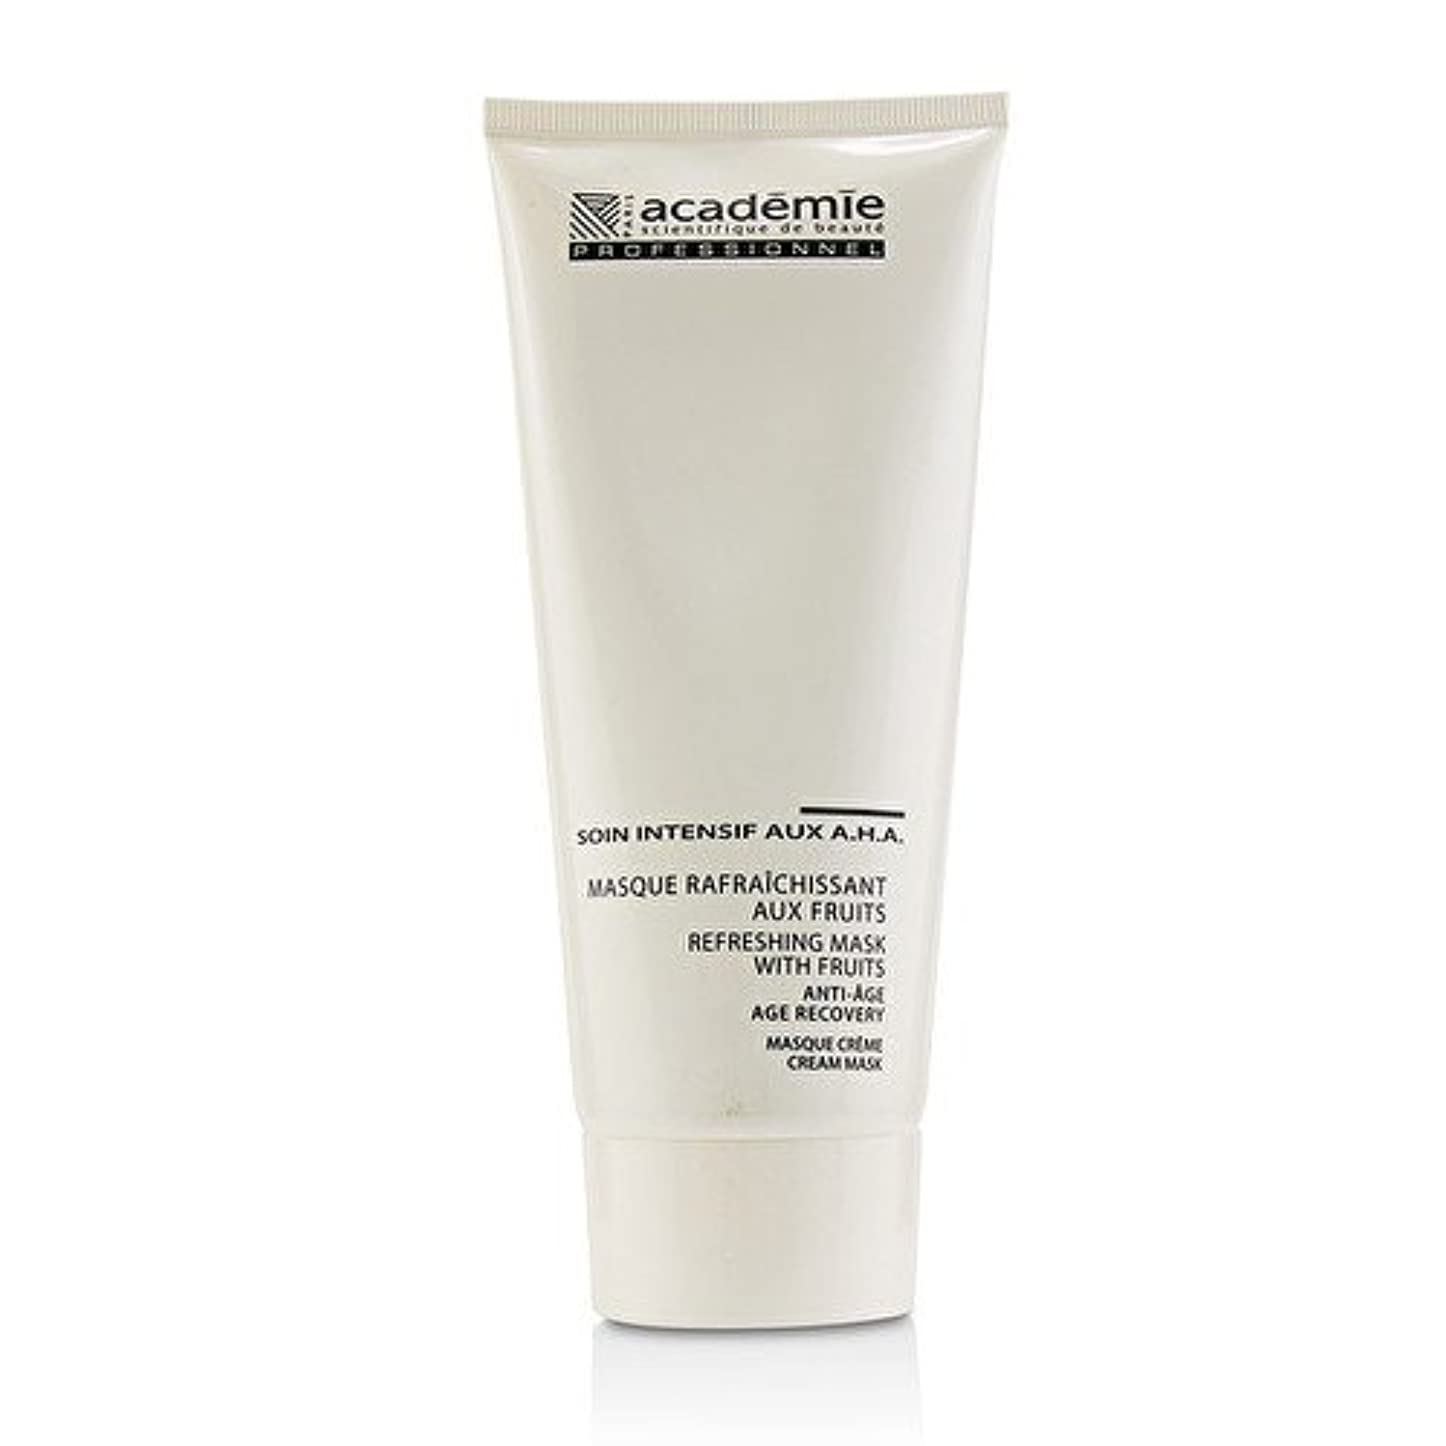 よろしく不平を言う叫び声アカデミー Refreshing Mask With Fruits Age Recovery Cream Mask (Salon Size) 200ml/6.7oz並行輸入品